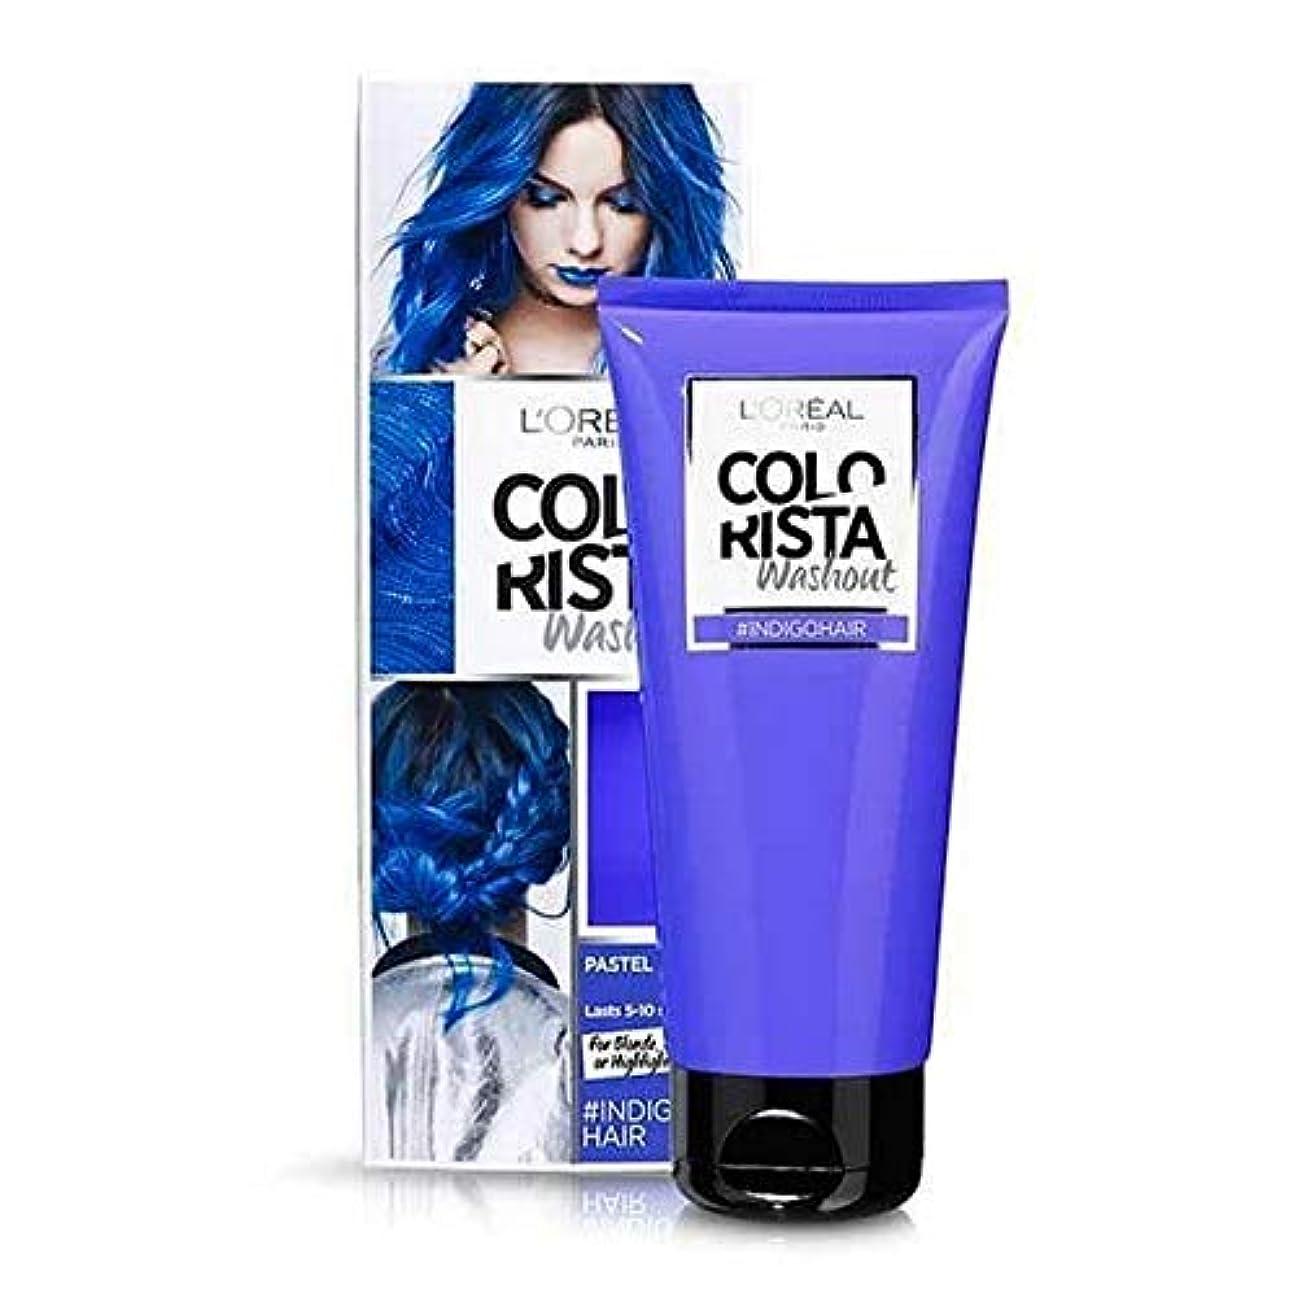 奨学金知覚的疲れた[Colorista] 青半永久染毛剤藍Colorista洗い出し - Colorista Washout Indigo Blue Semi-Permanent Hair Dye [並行輸入品]